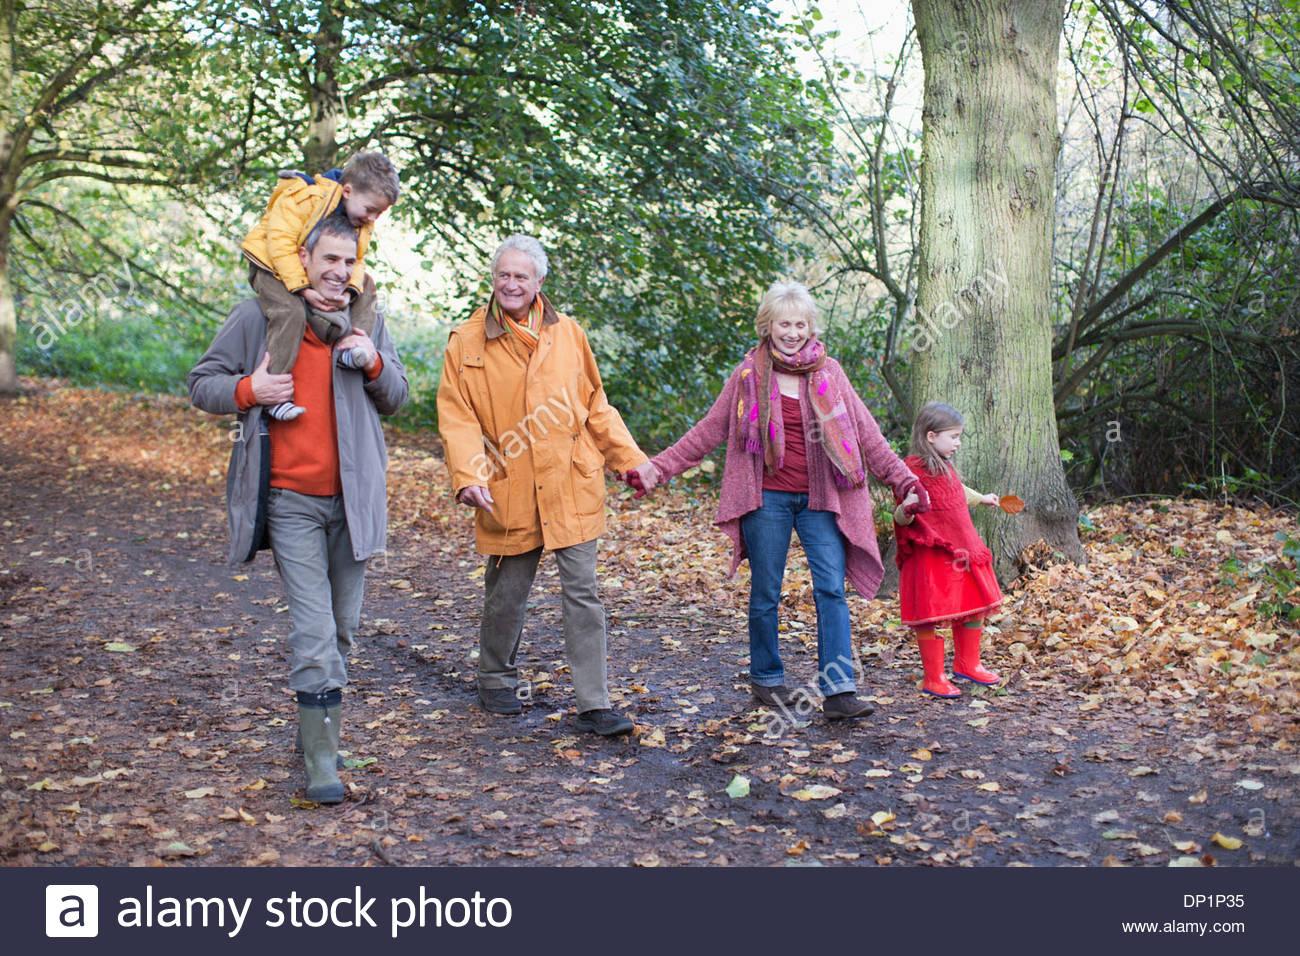 La marche à l'extérieur de la famille élargie en automne Photo Stock